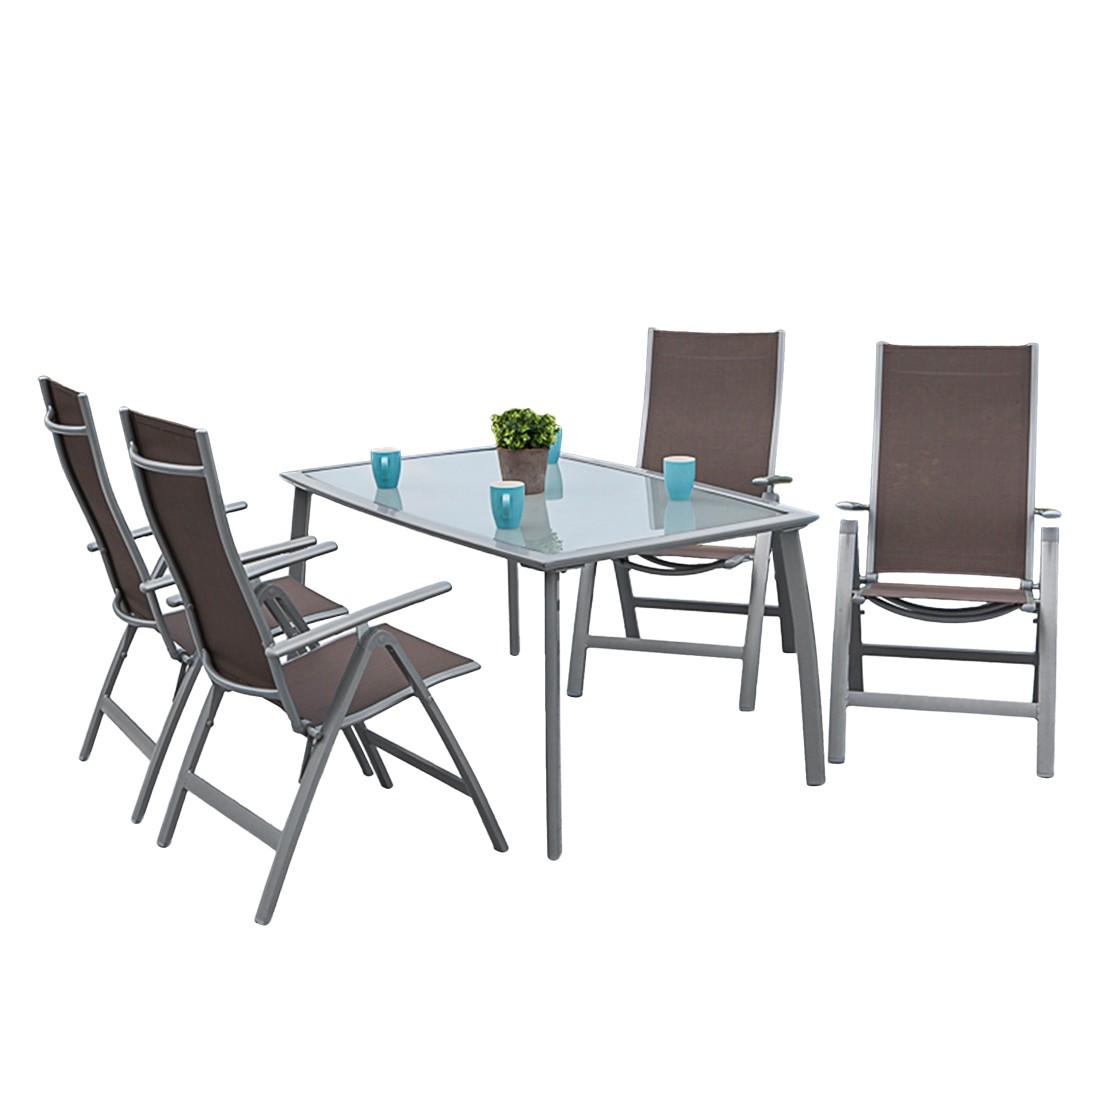 home24 Gartenessgruppe Carrara III (5-teilig)   Garten > Gartenmöbel > Gartenmöbel-Set   Grau   Glas - Metall   Merxx